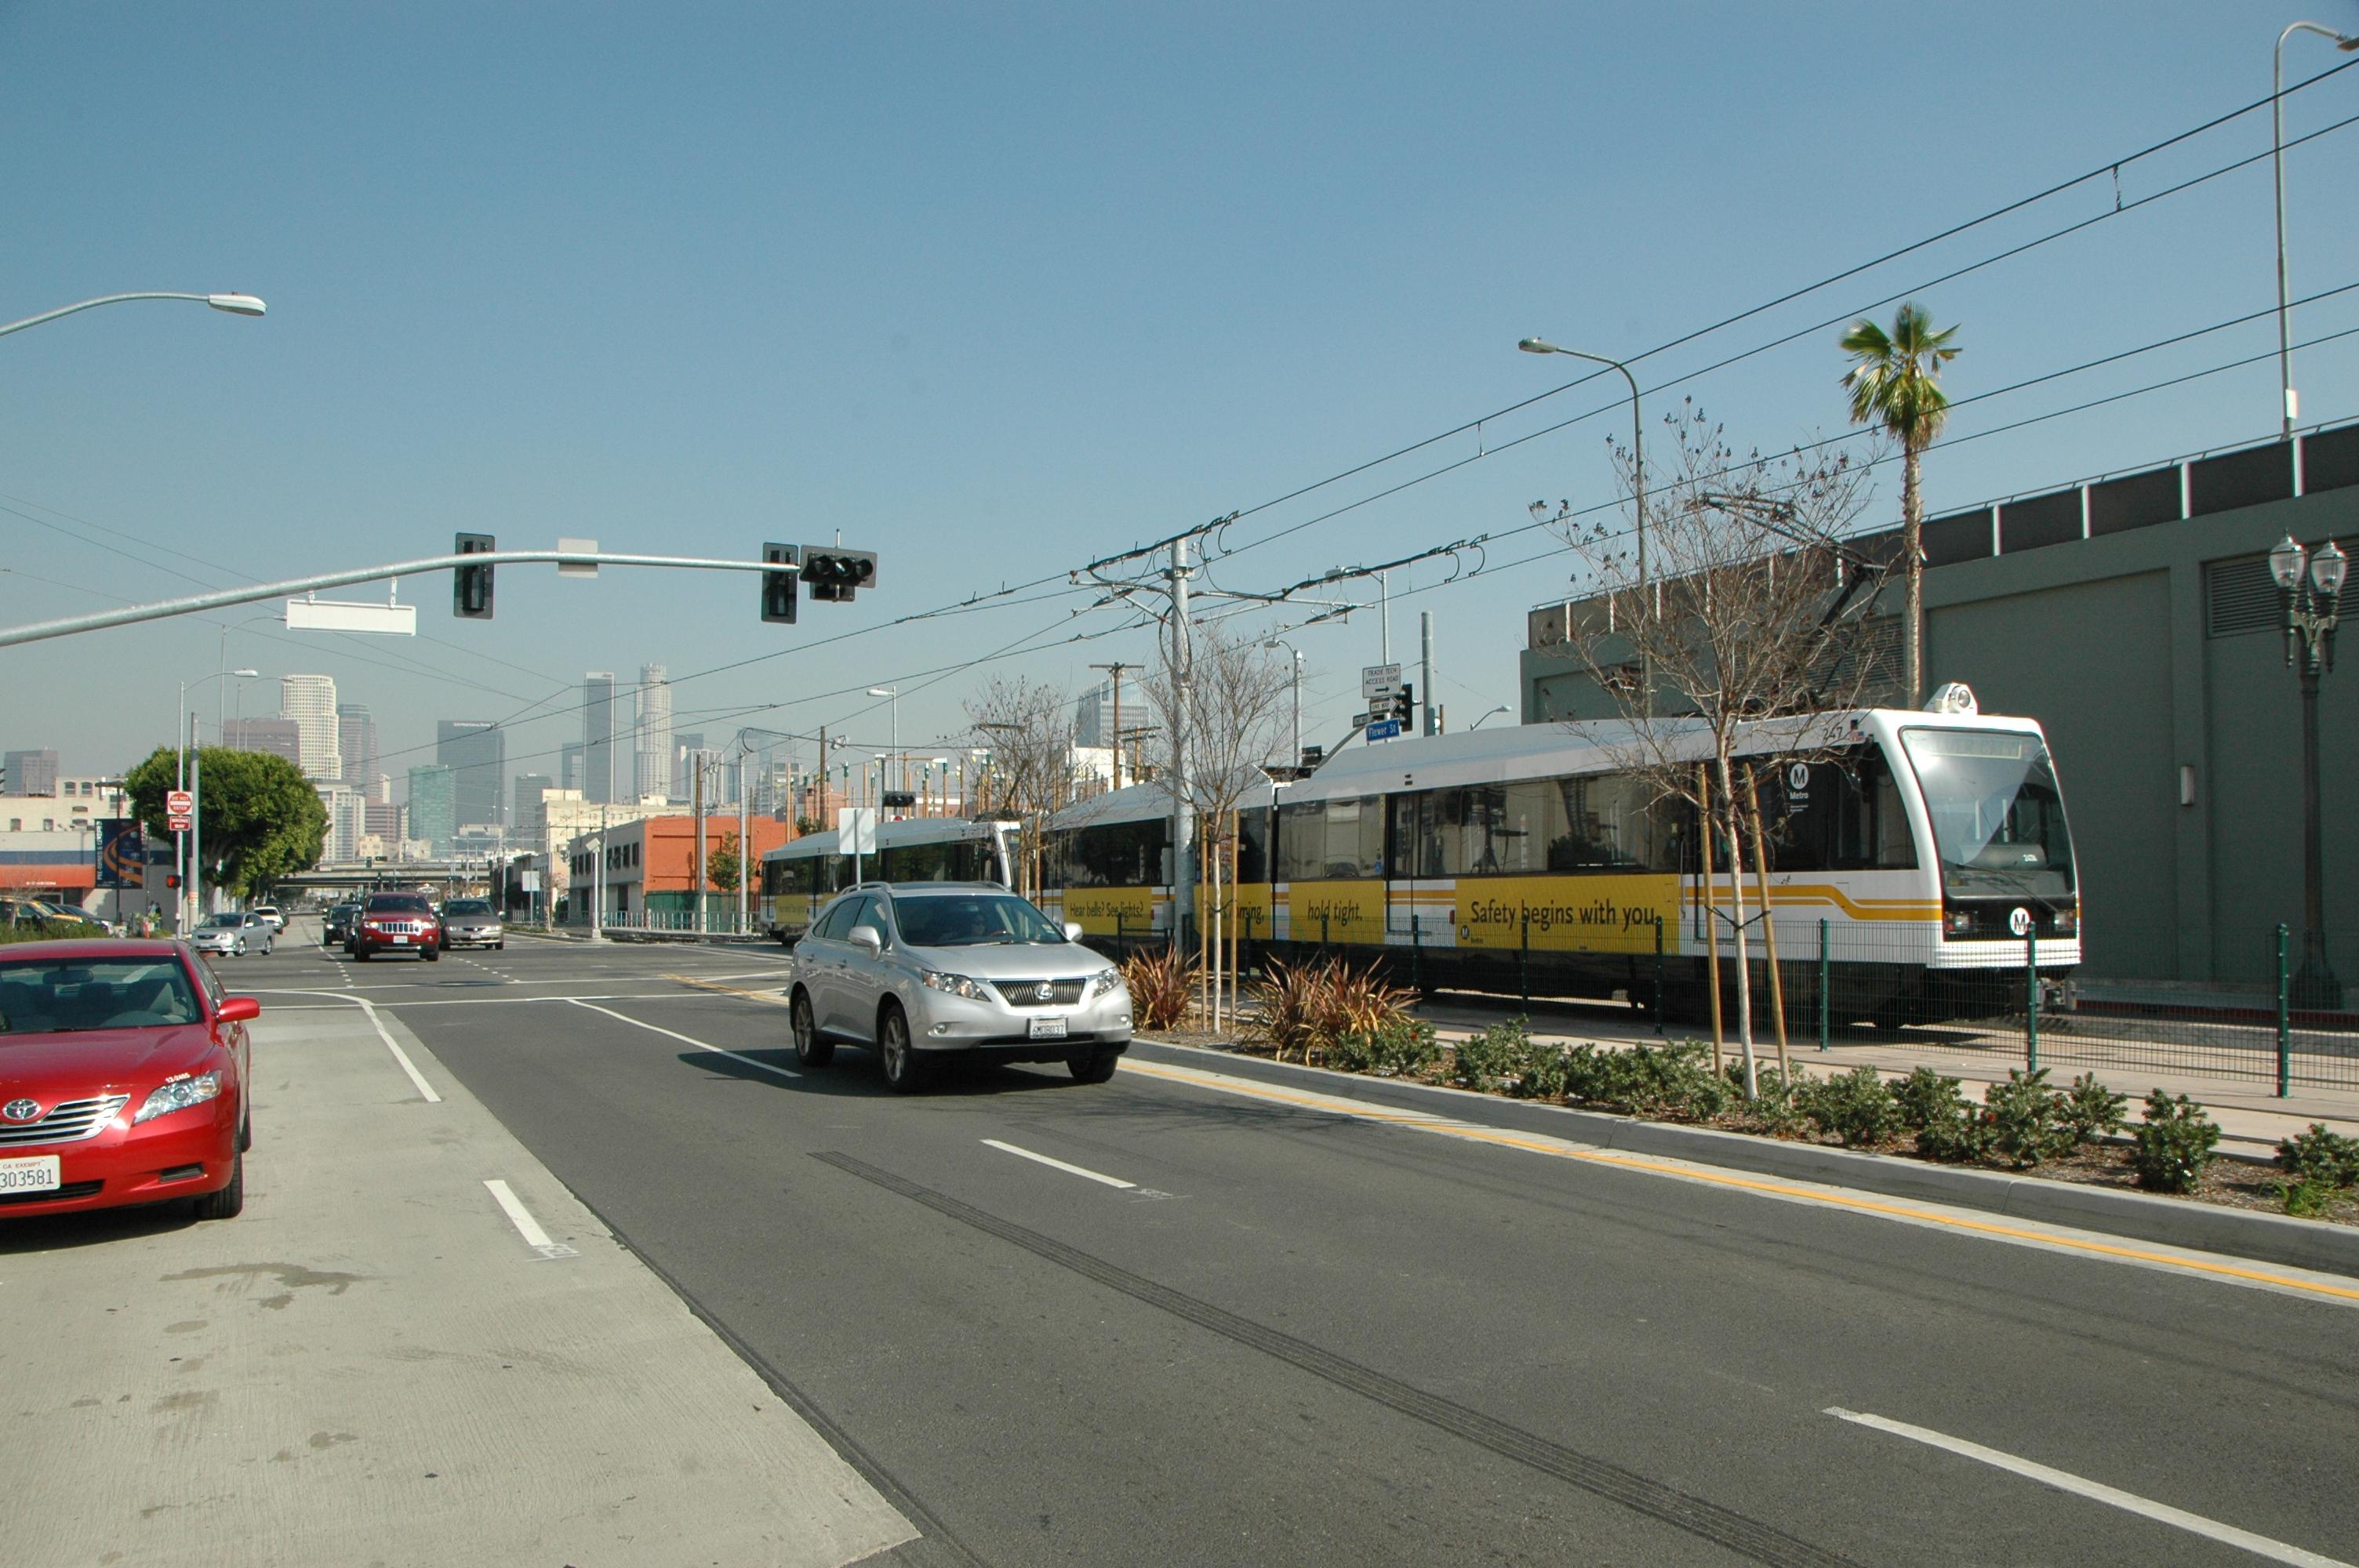 Esquina del bulevar Washington y la calle Flower, donde se empalman las vías de las líneas Azul y Expo de Metro. (Foto José Ubaldo/El Pasajero).